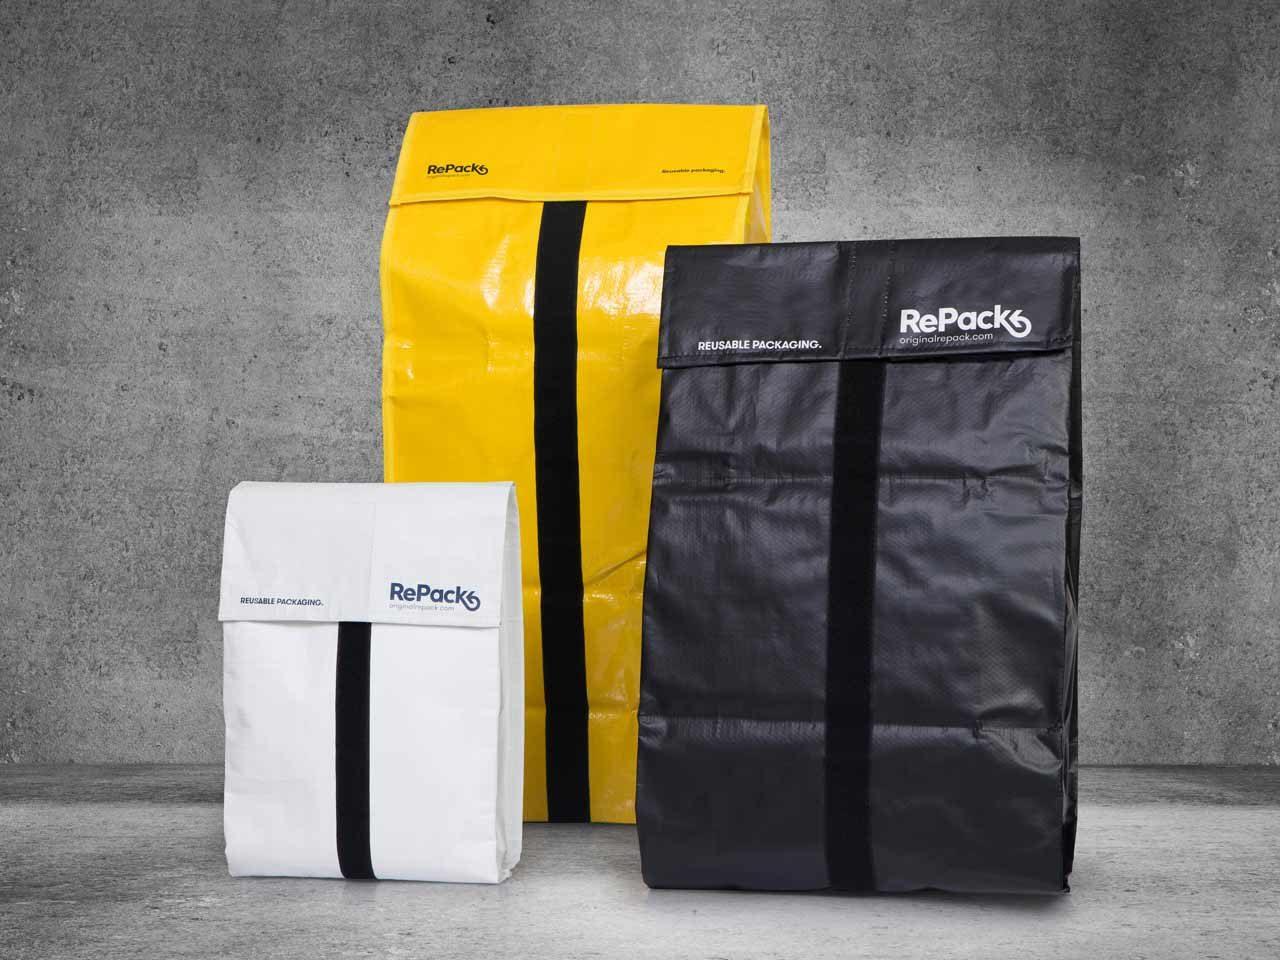 RePack packaging durable